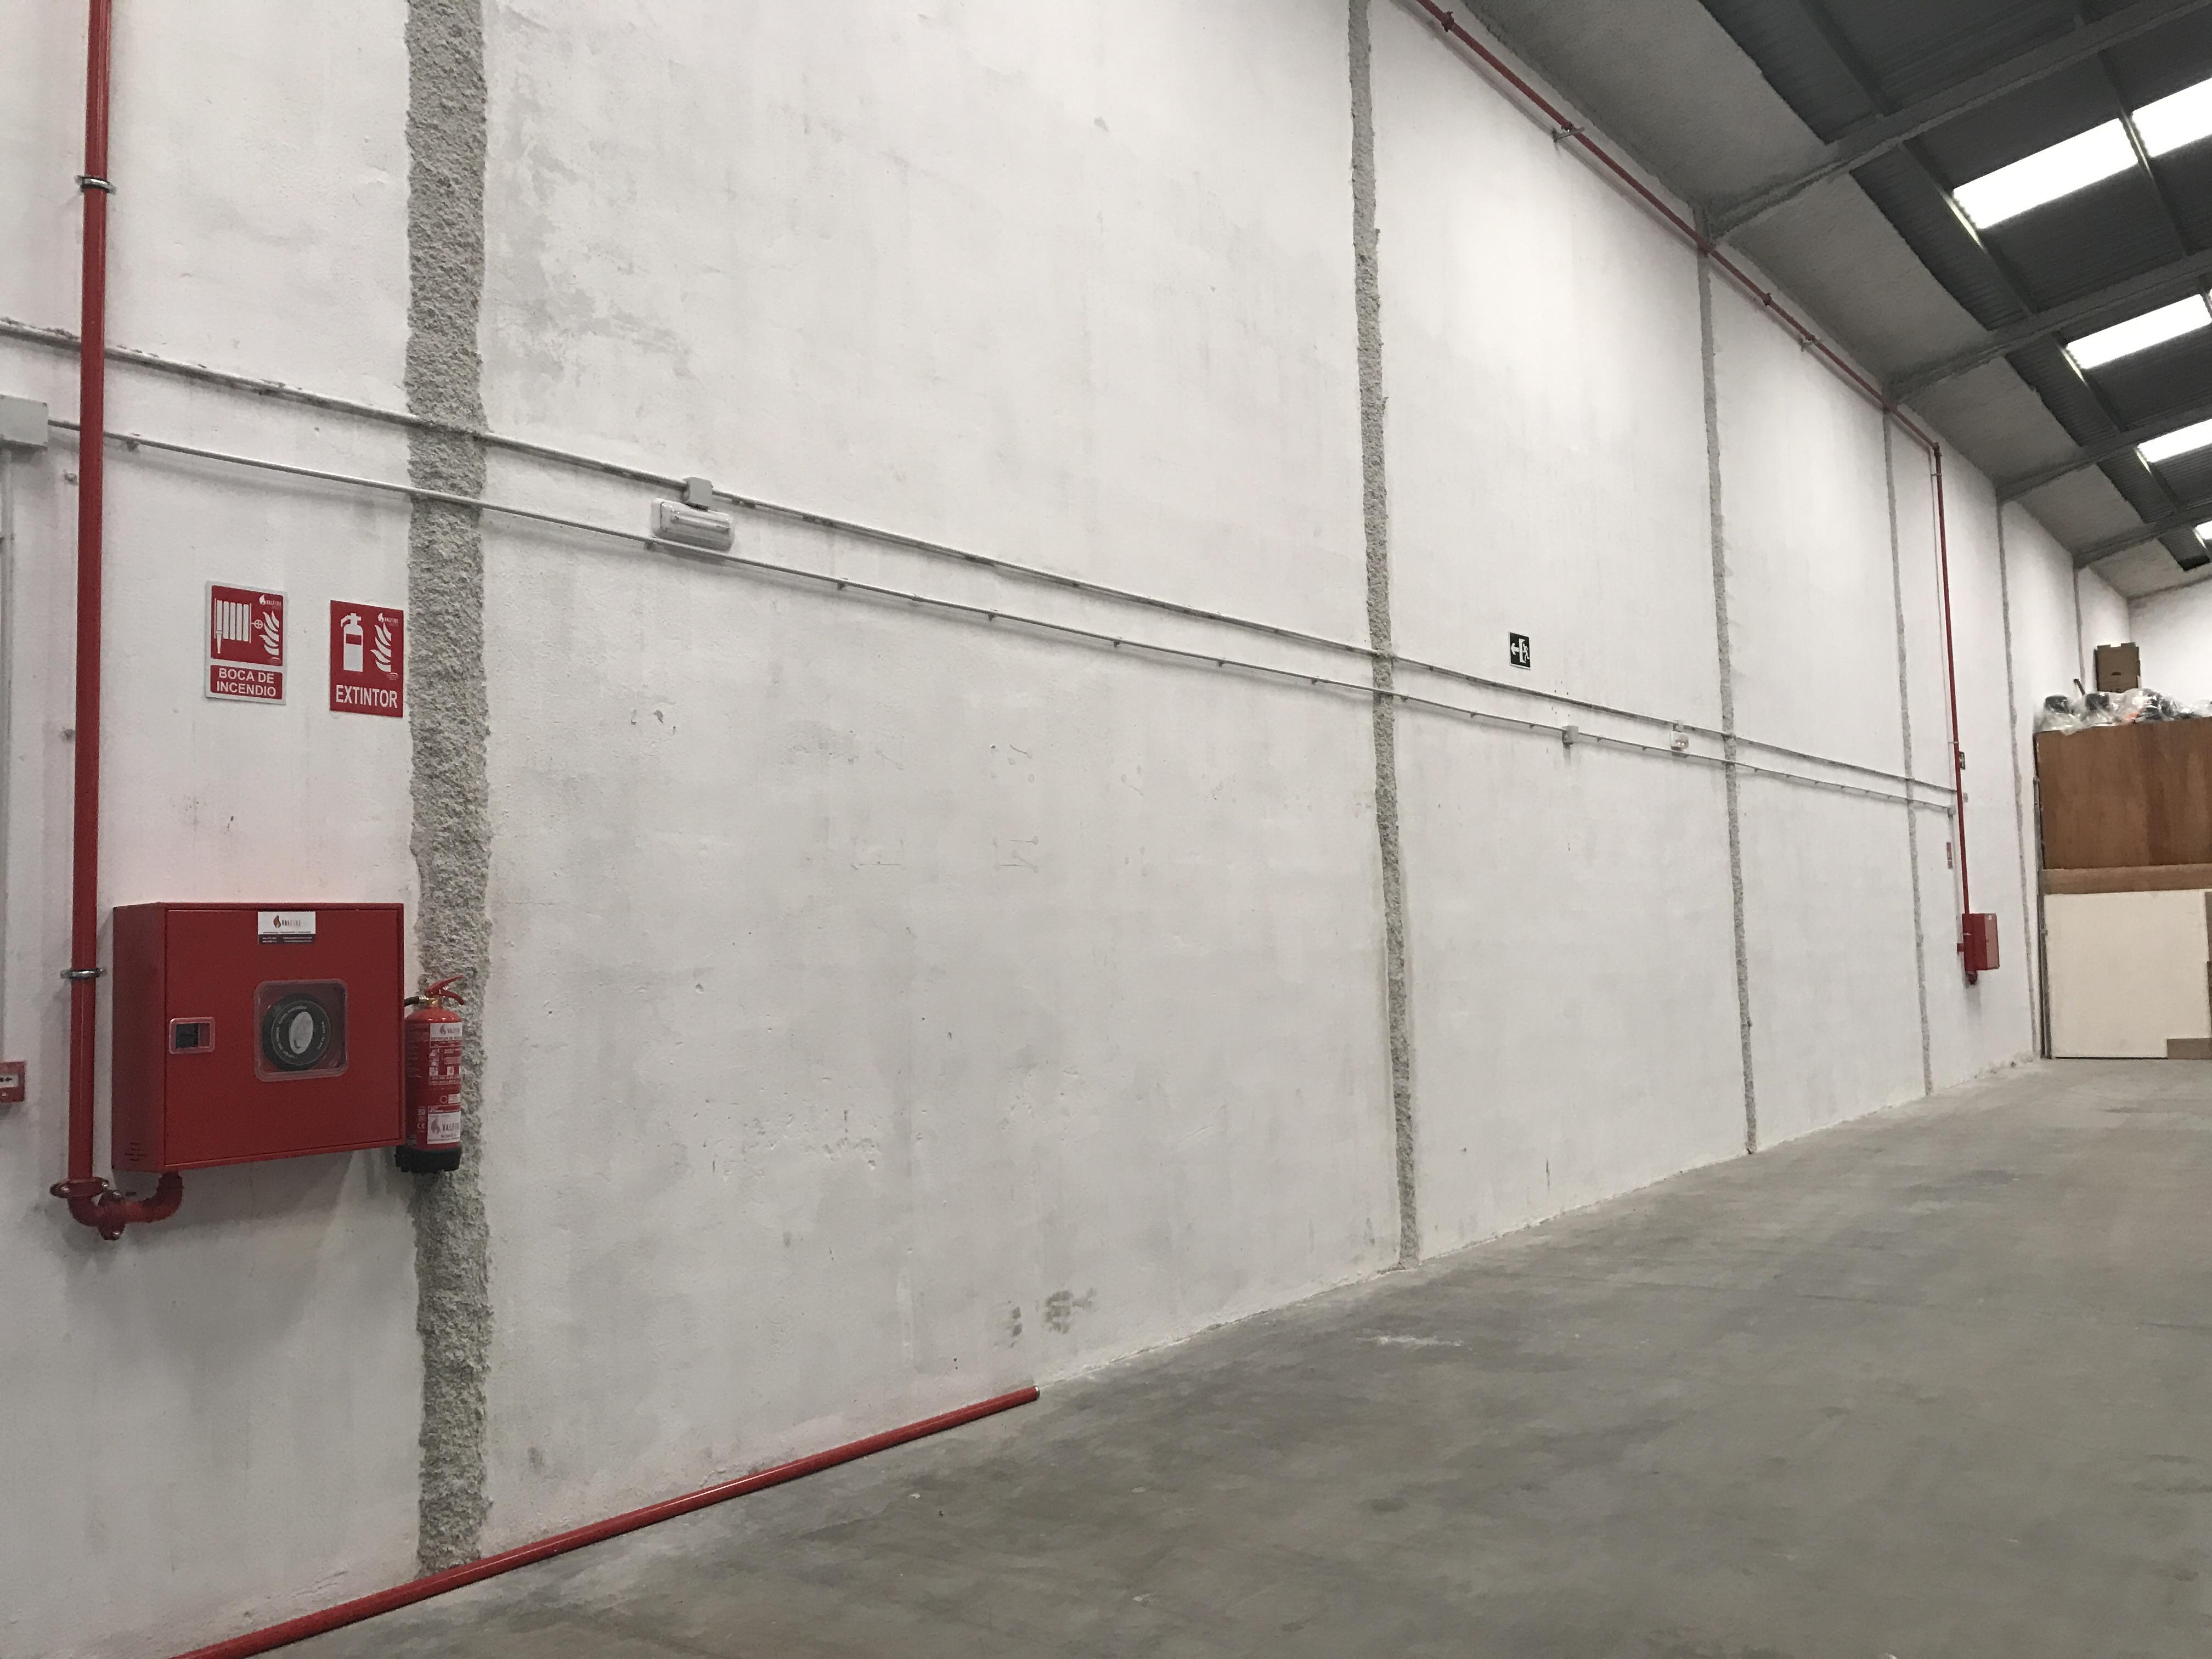 proyectos-apertura-naves-industriales-almacenes-proteccion-incendios-3